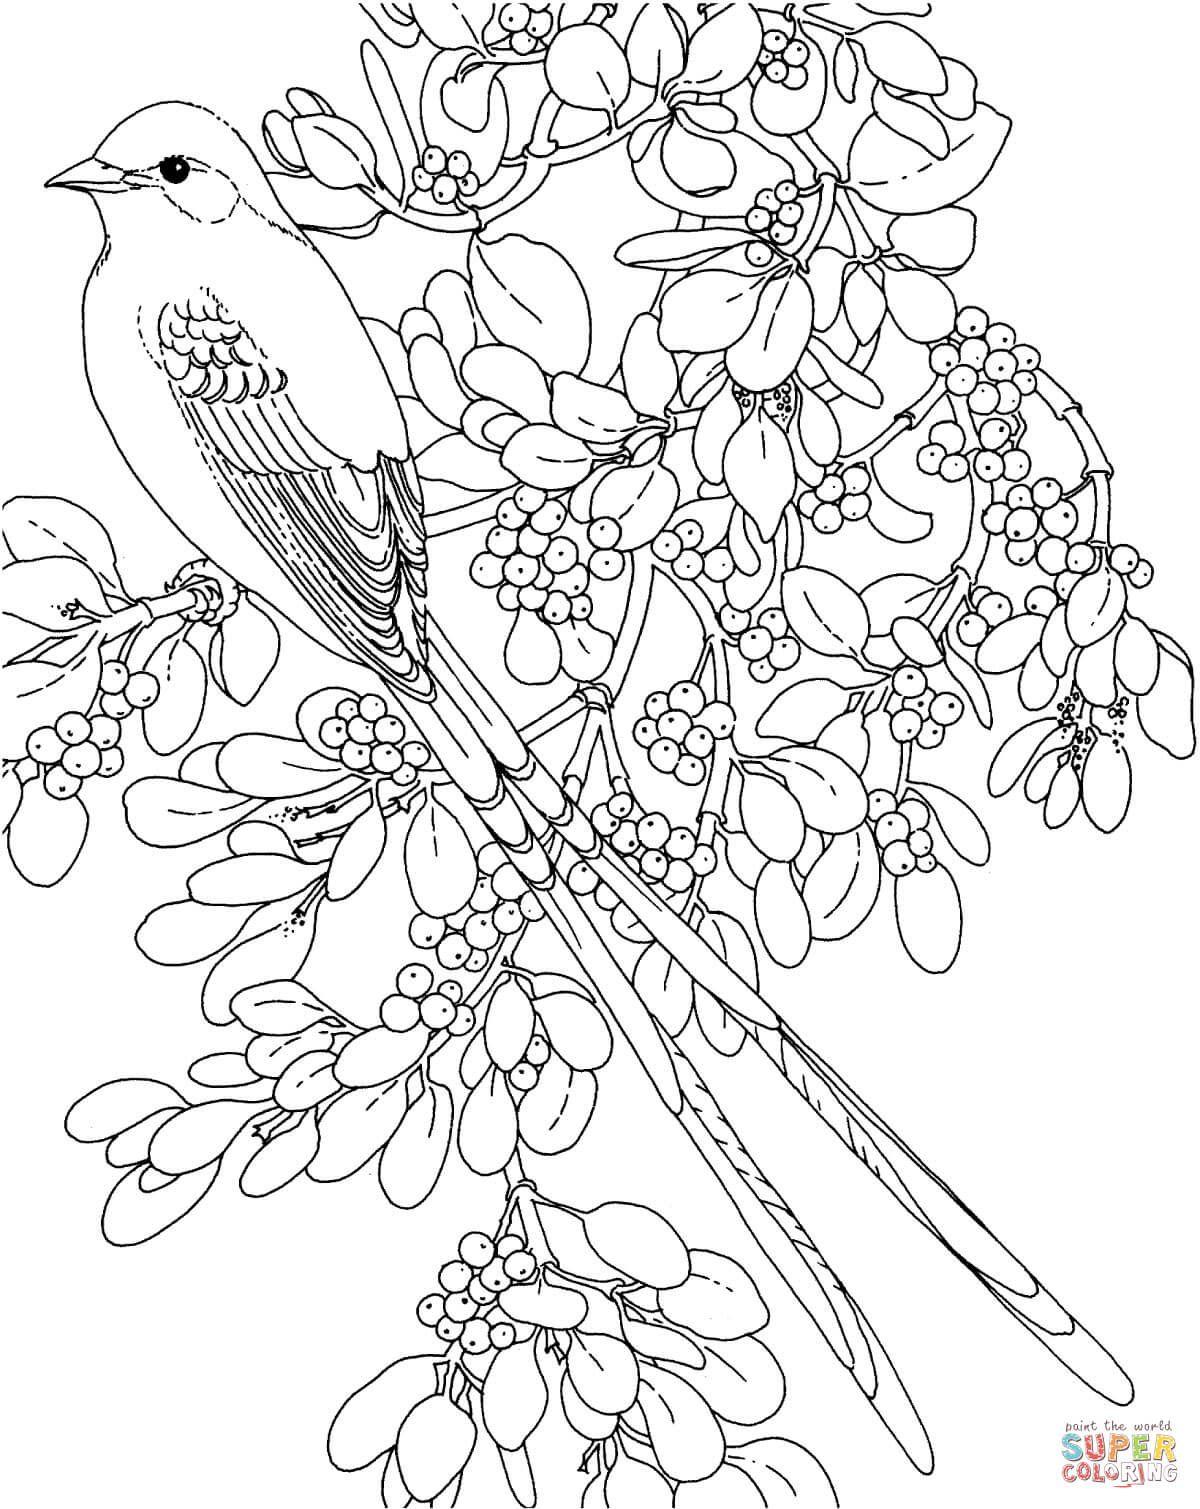 imagens de flores de cerejeira para colorir Pesquisa